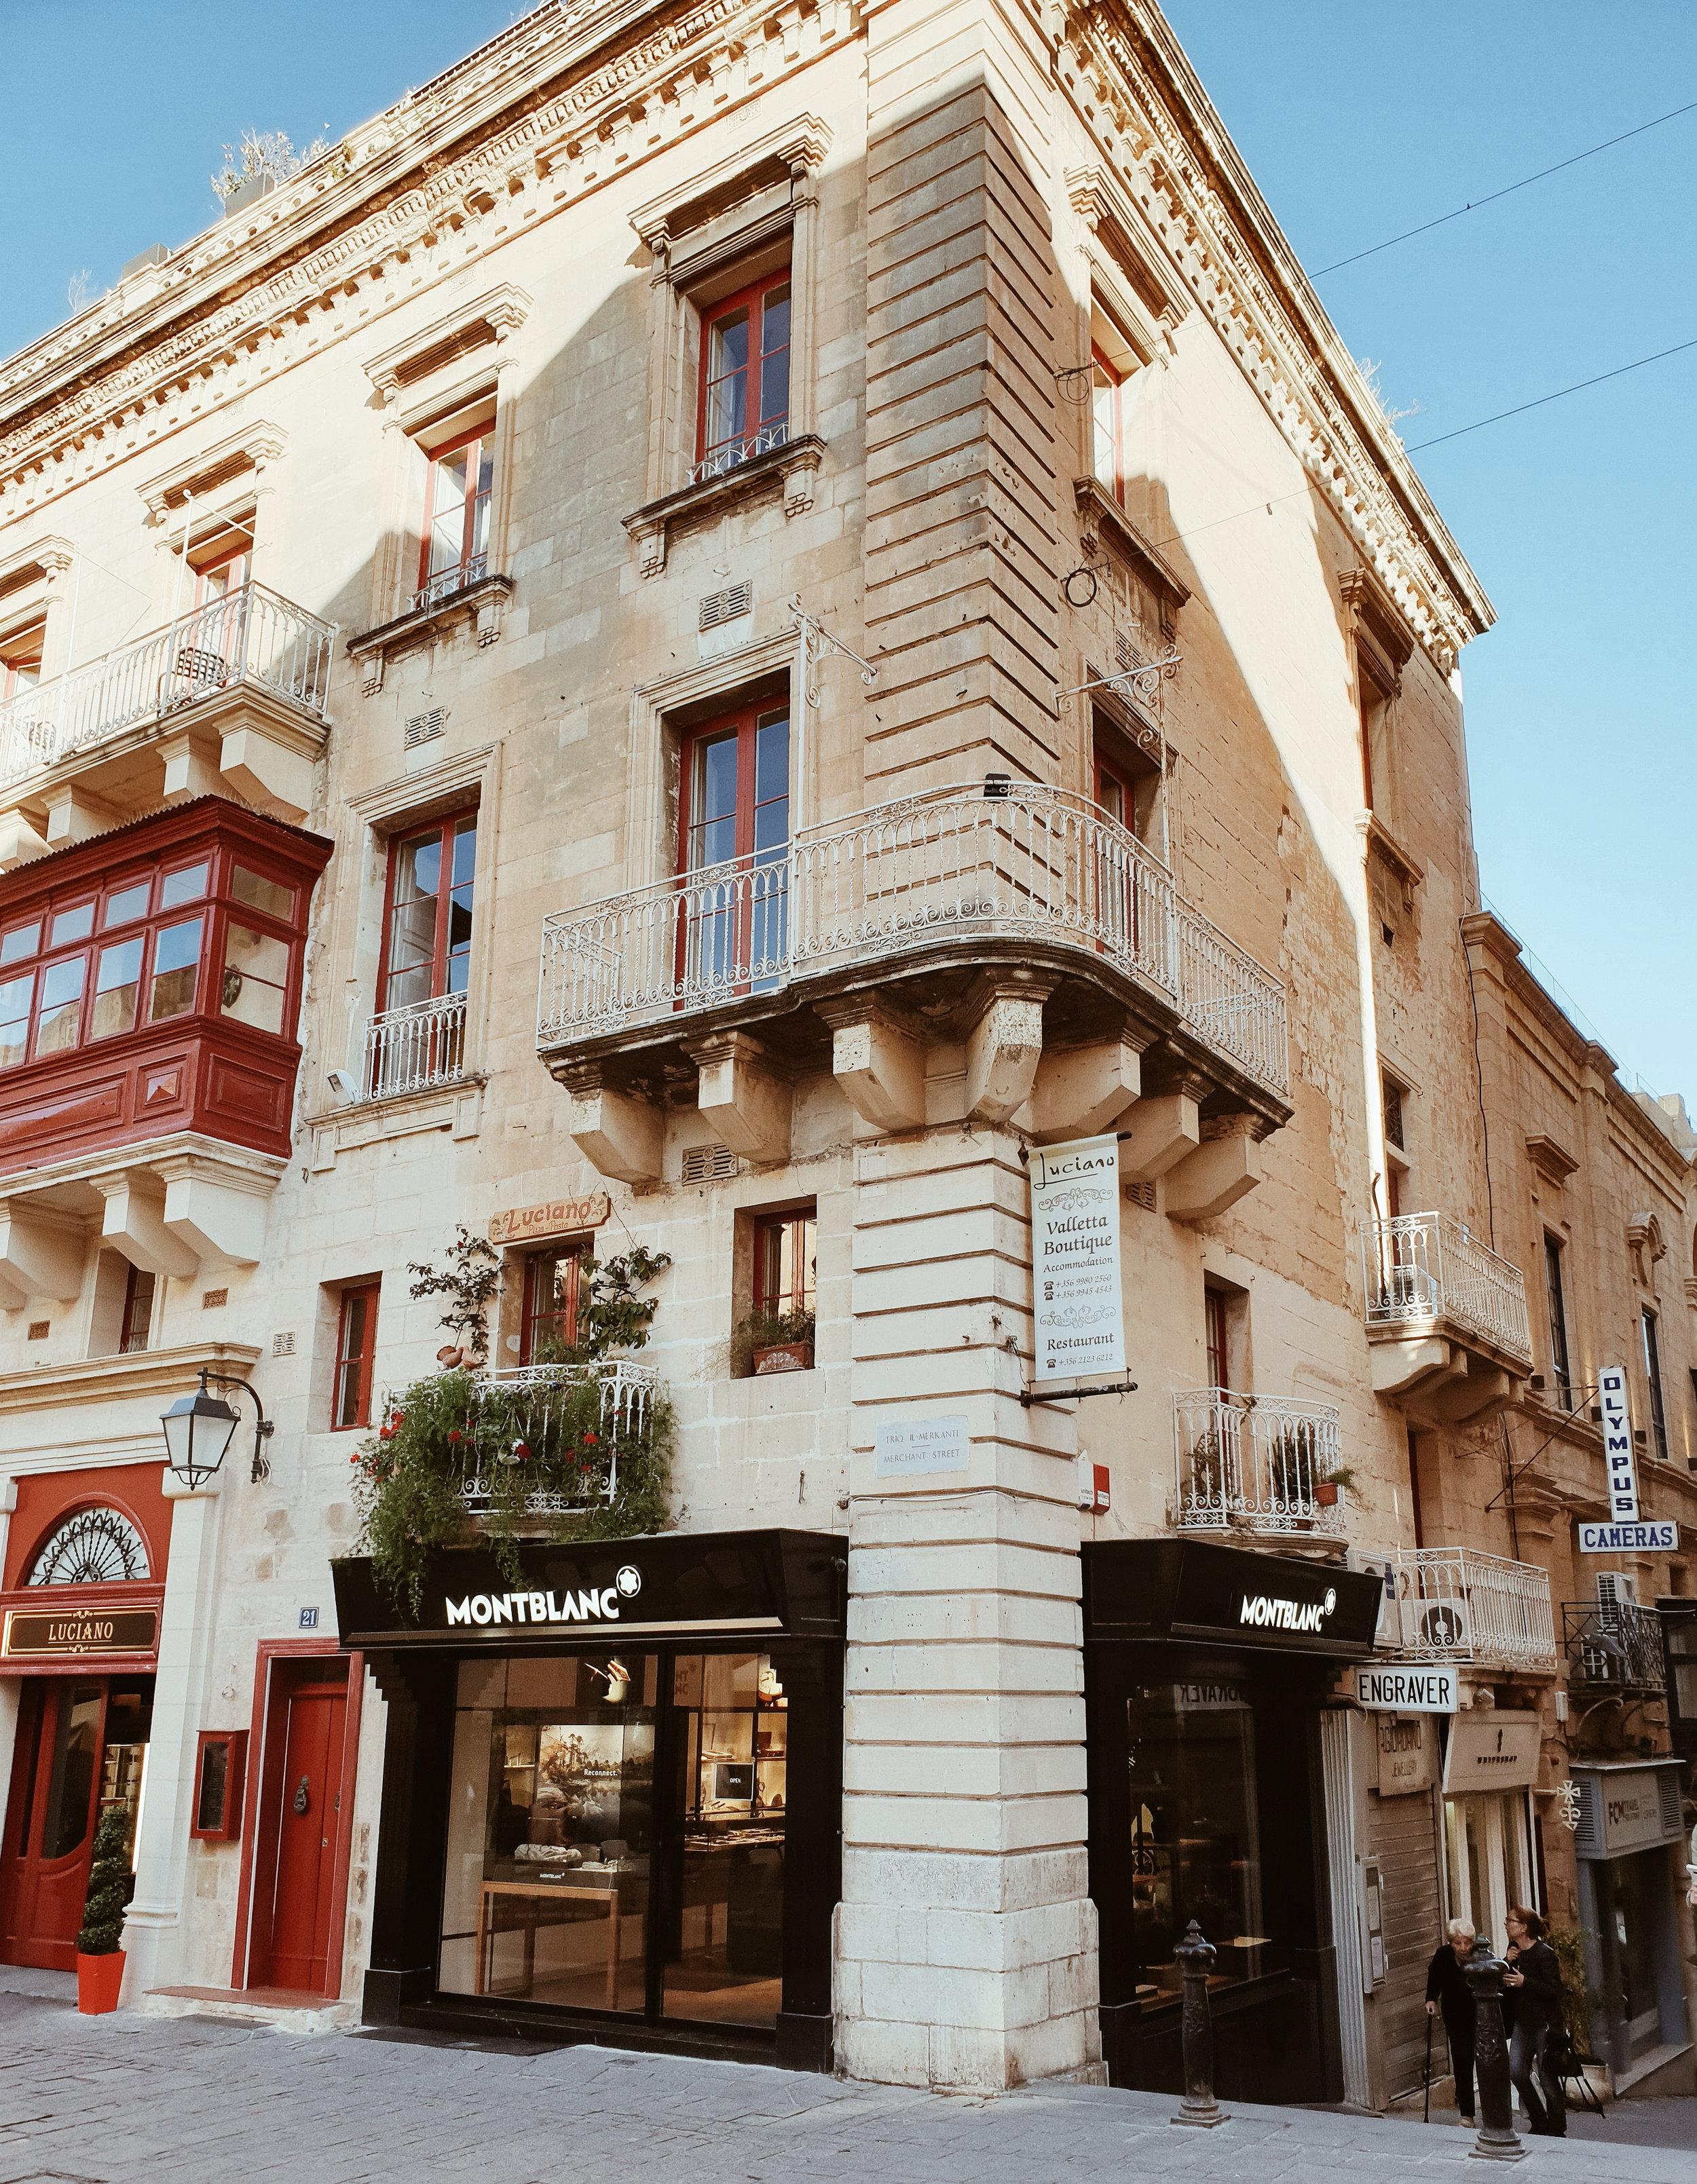 A street view in Valletta, Malta